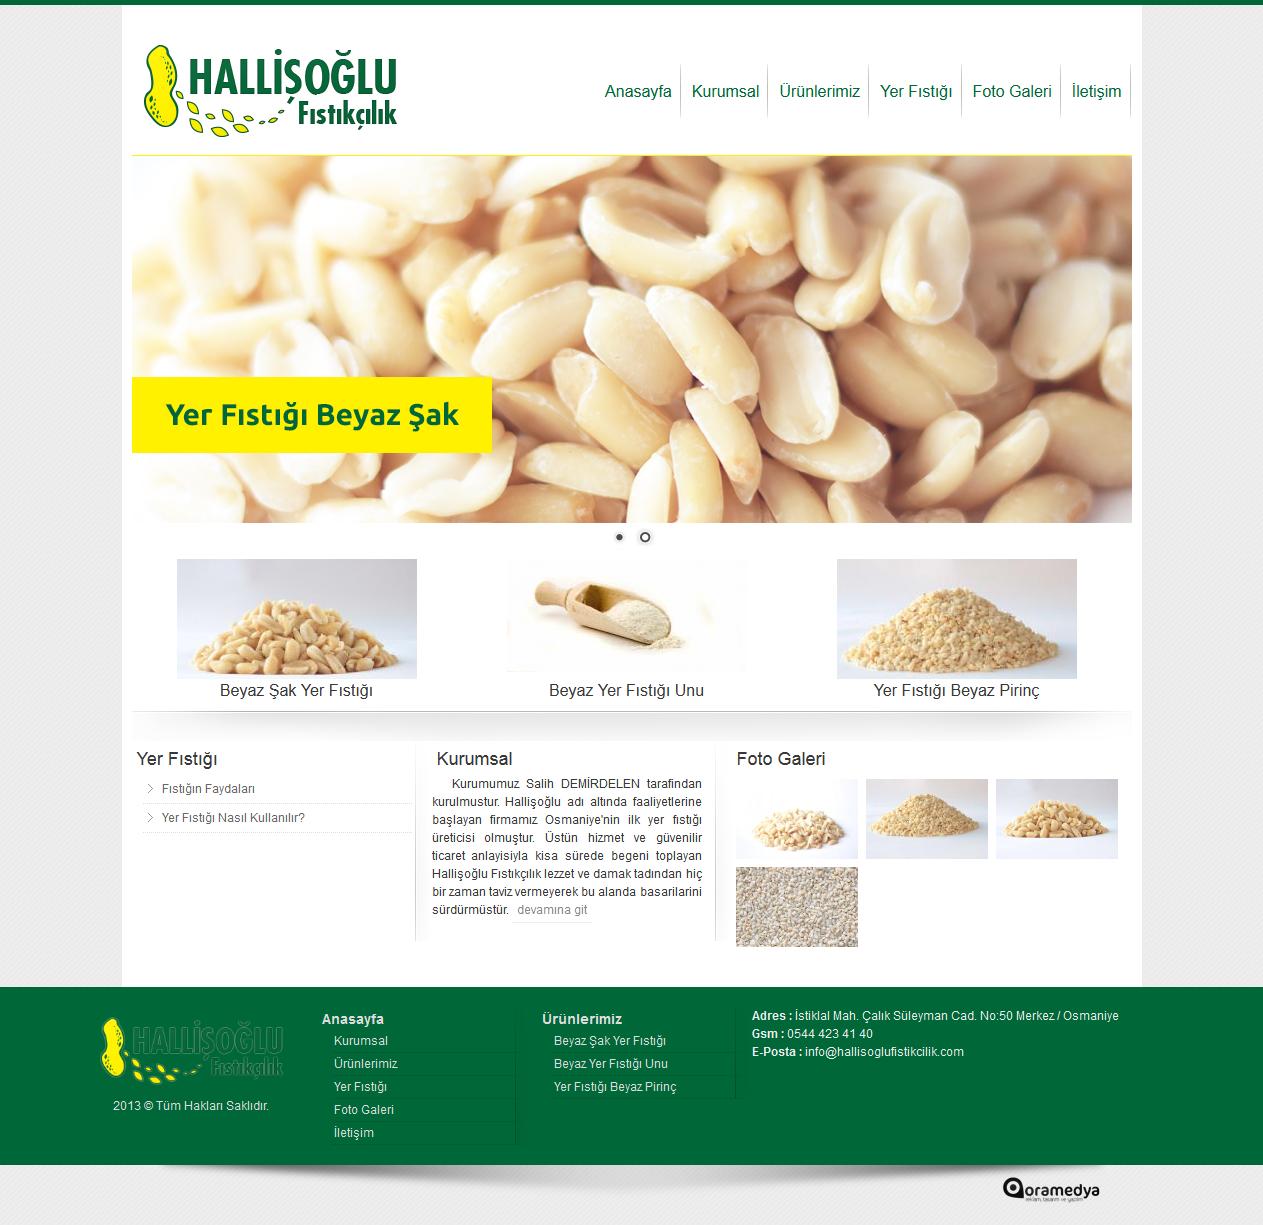 Hallişoğlu Fıstıkçılık Osmaniye Web Tasarım